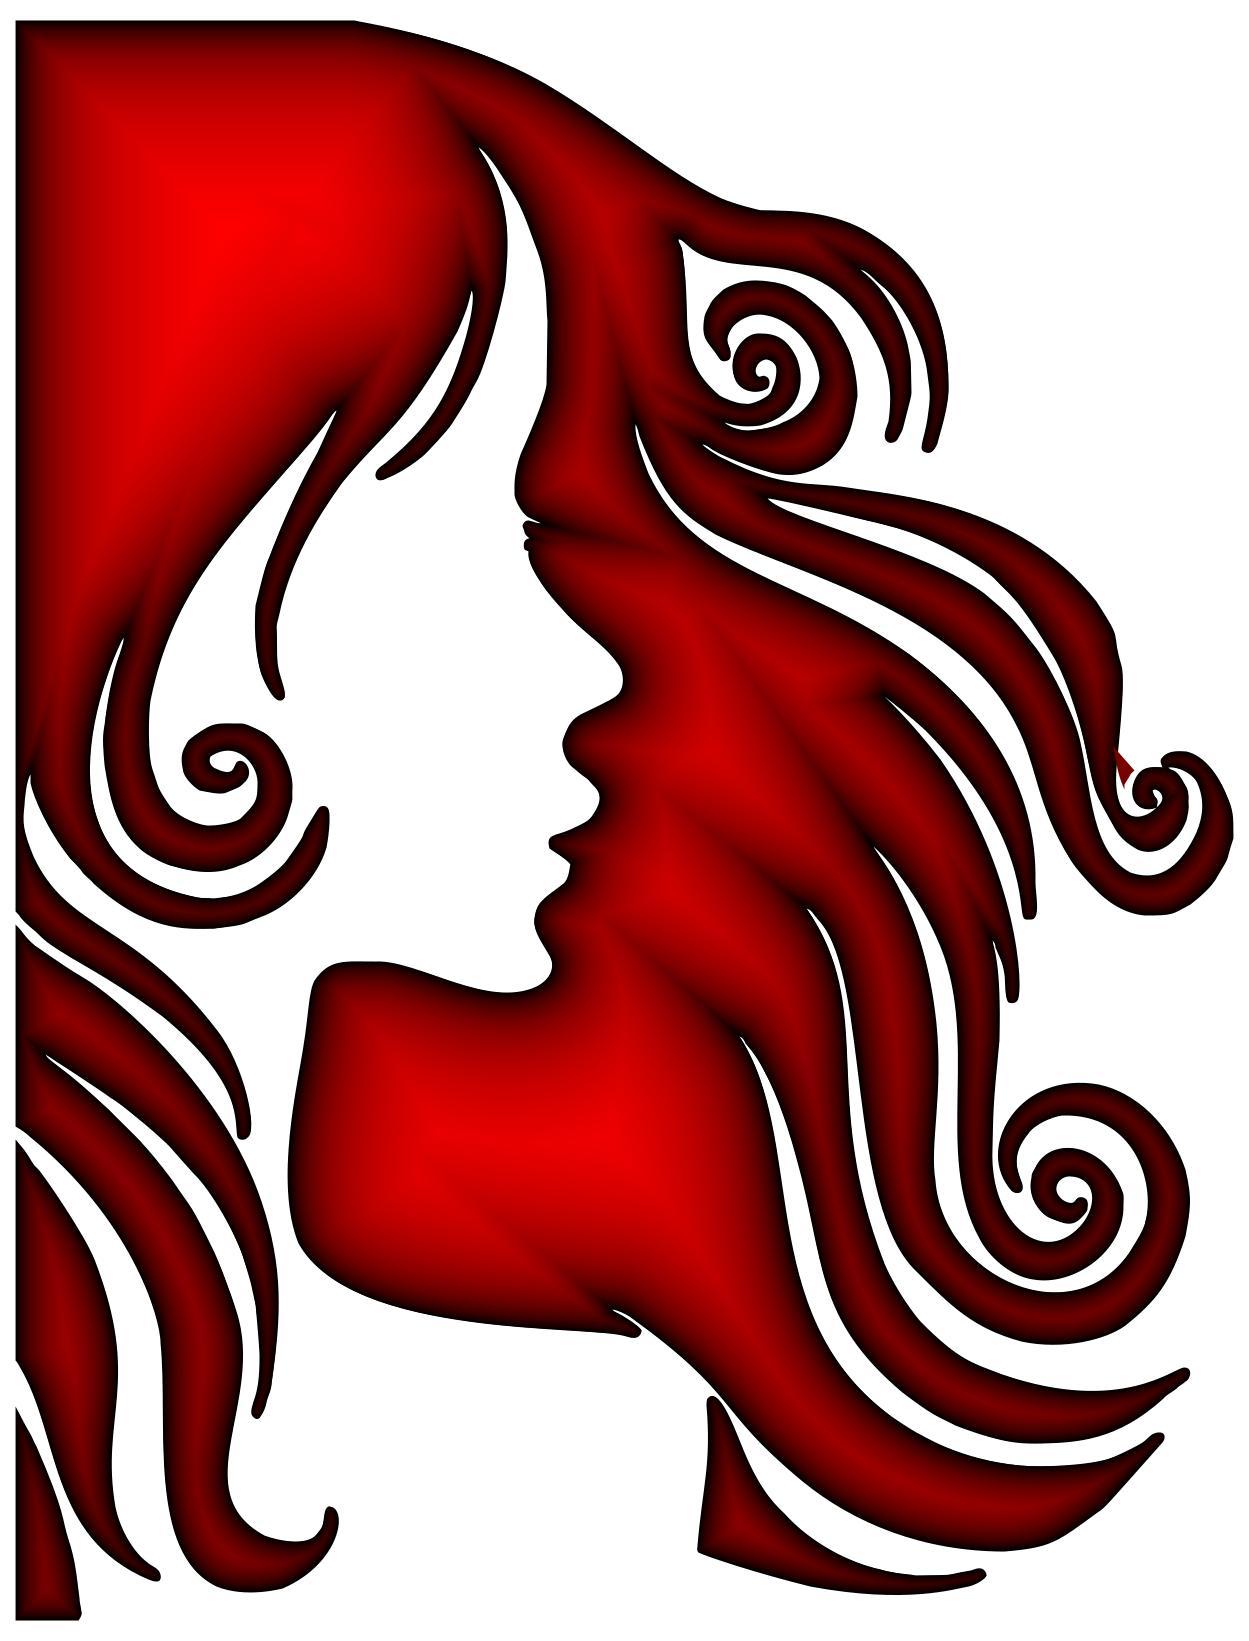 1249x1641 Female Hair Profile Silhouette Crimson Clipart